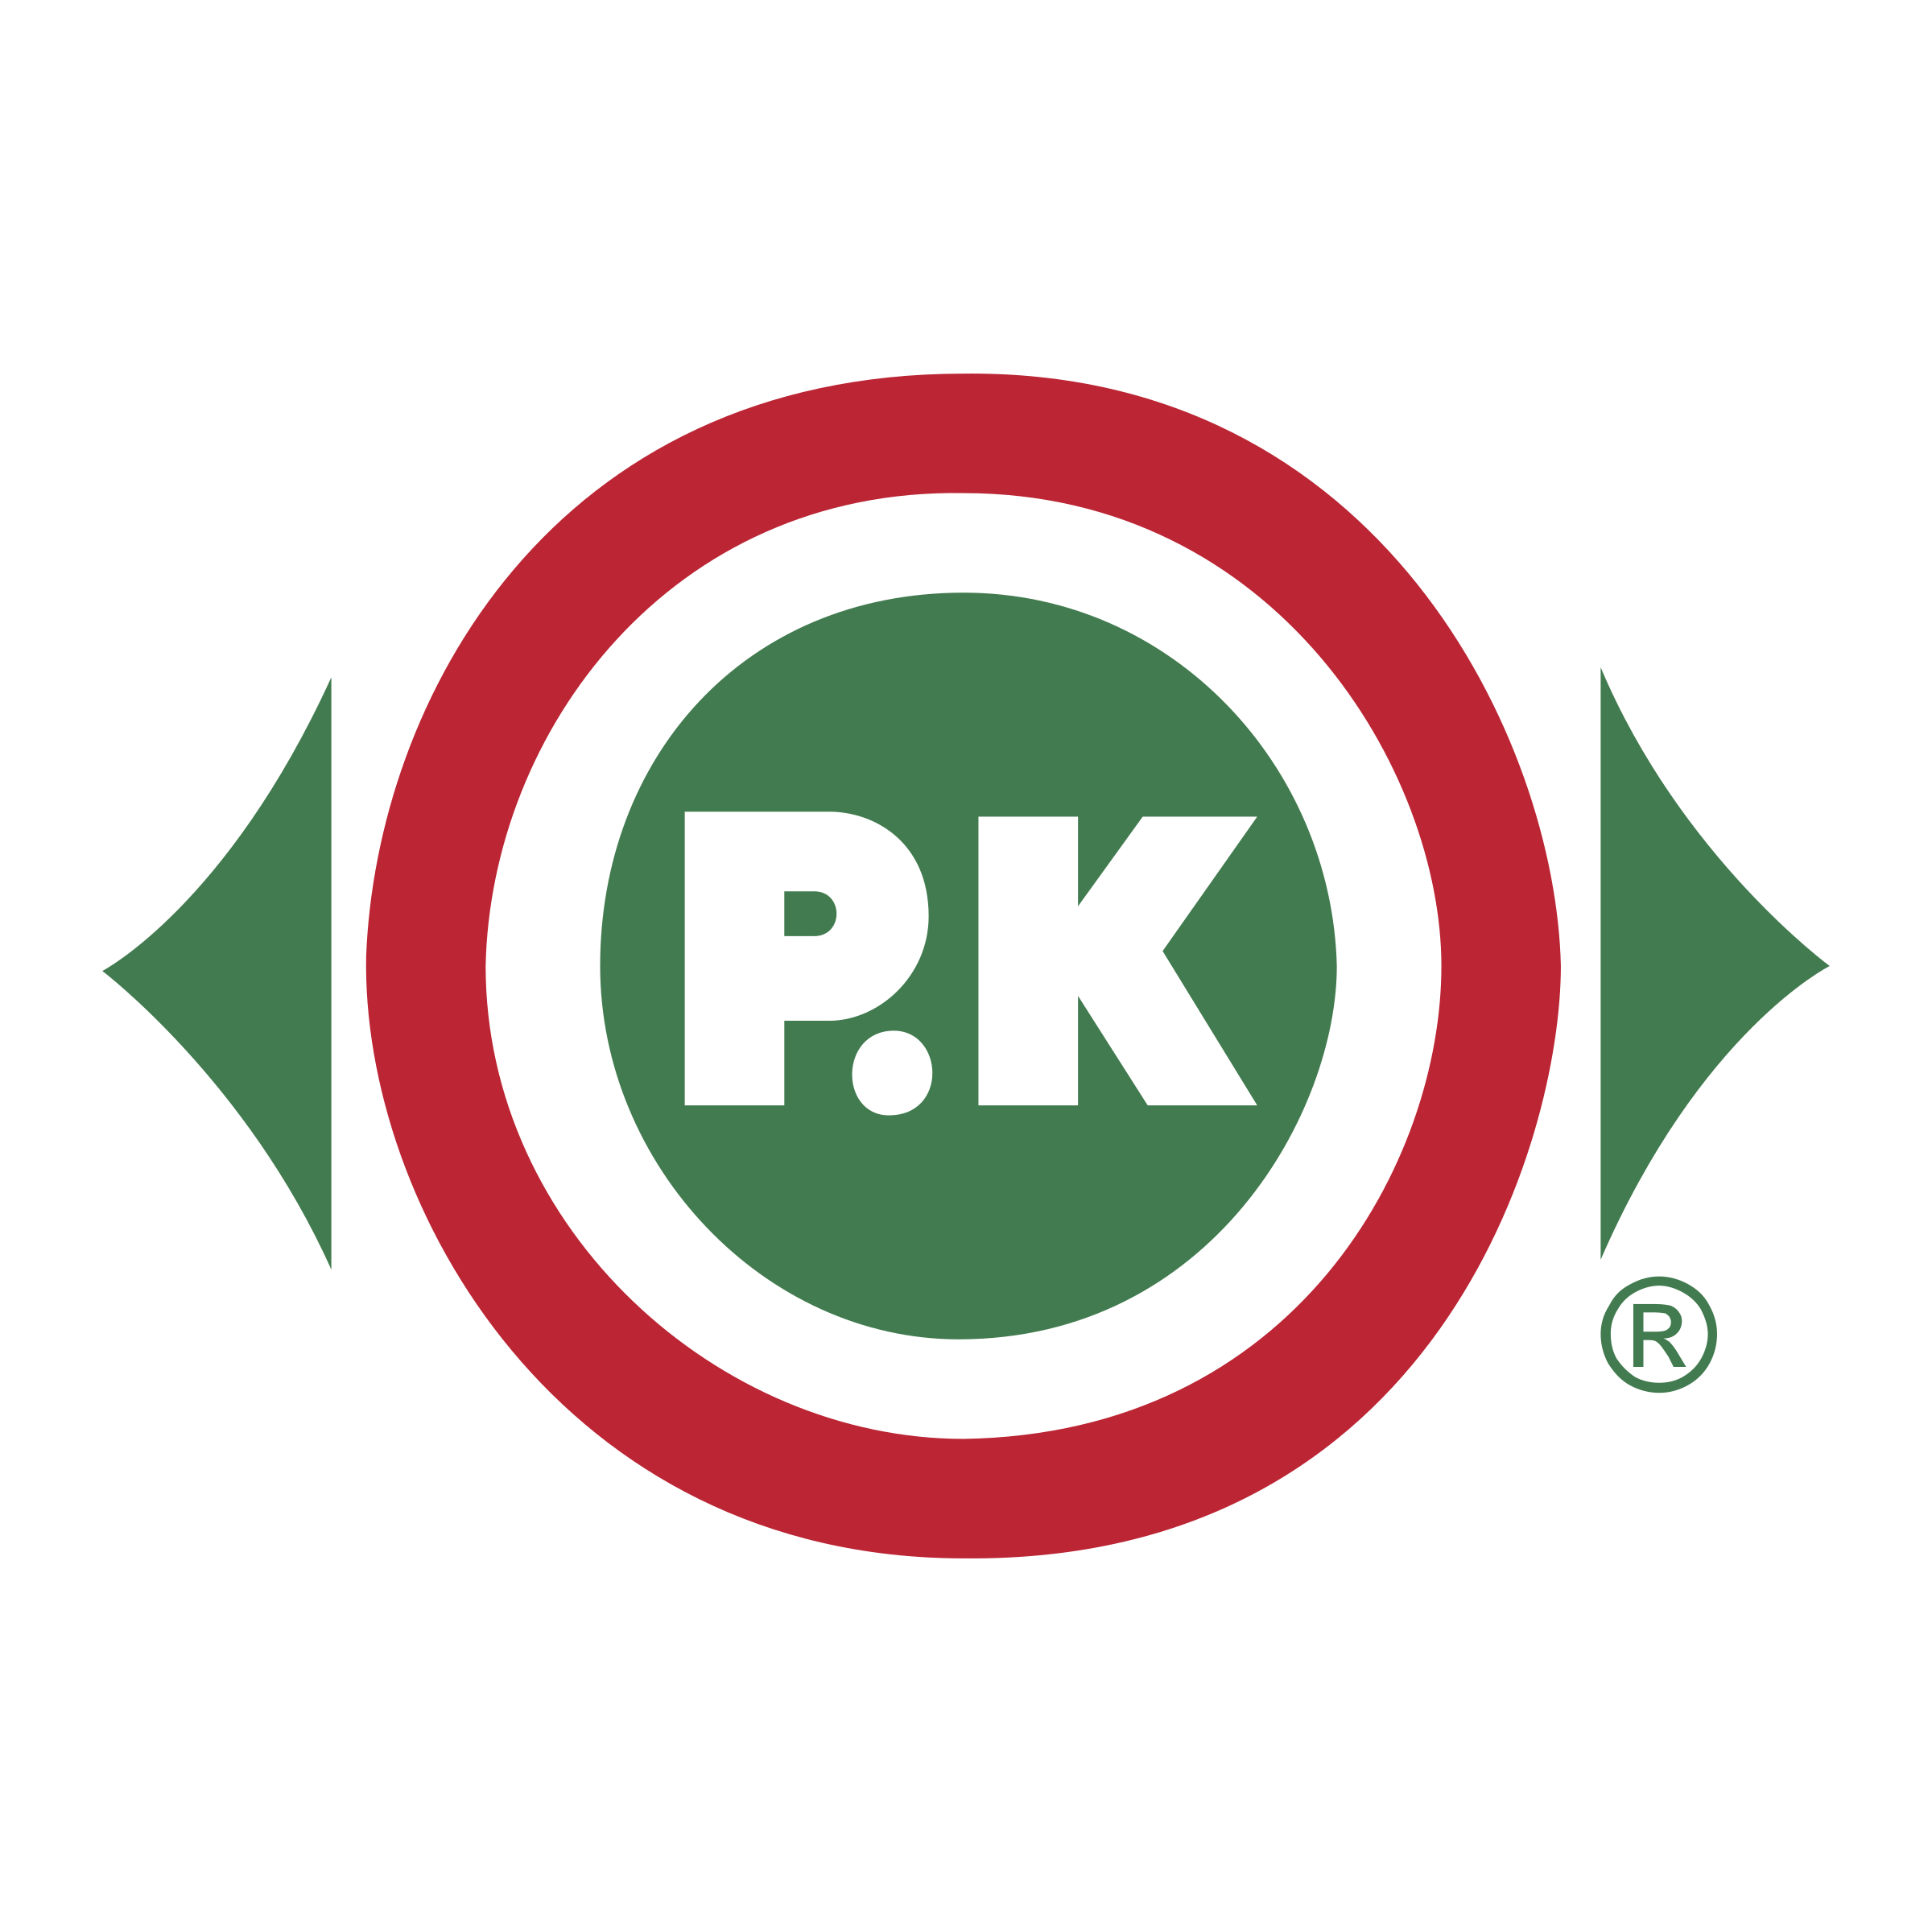 P K Logo PNG Transparent & SVG Vector.